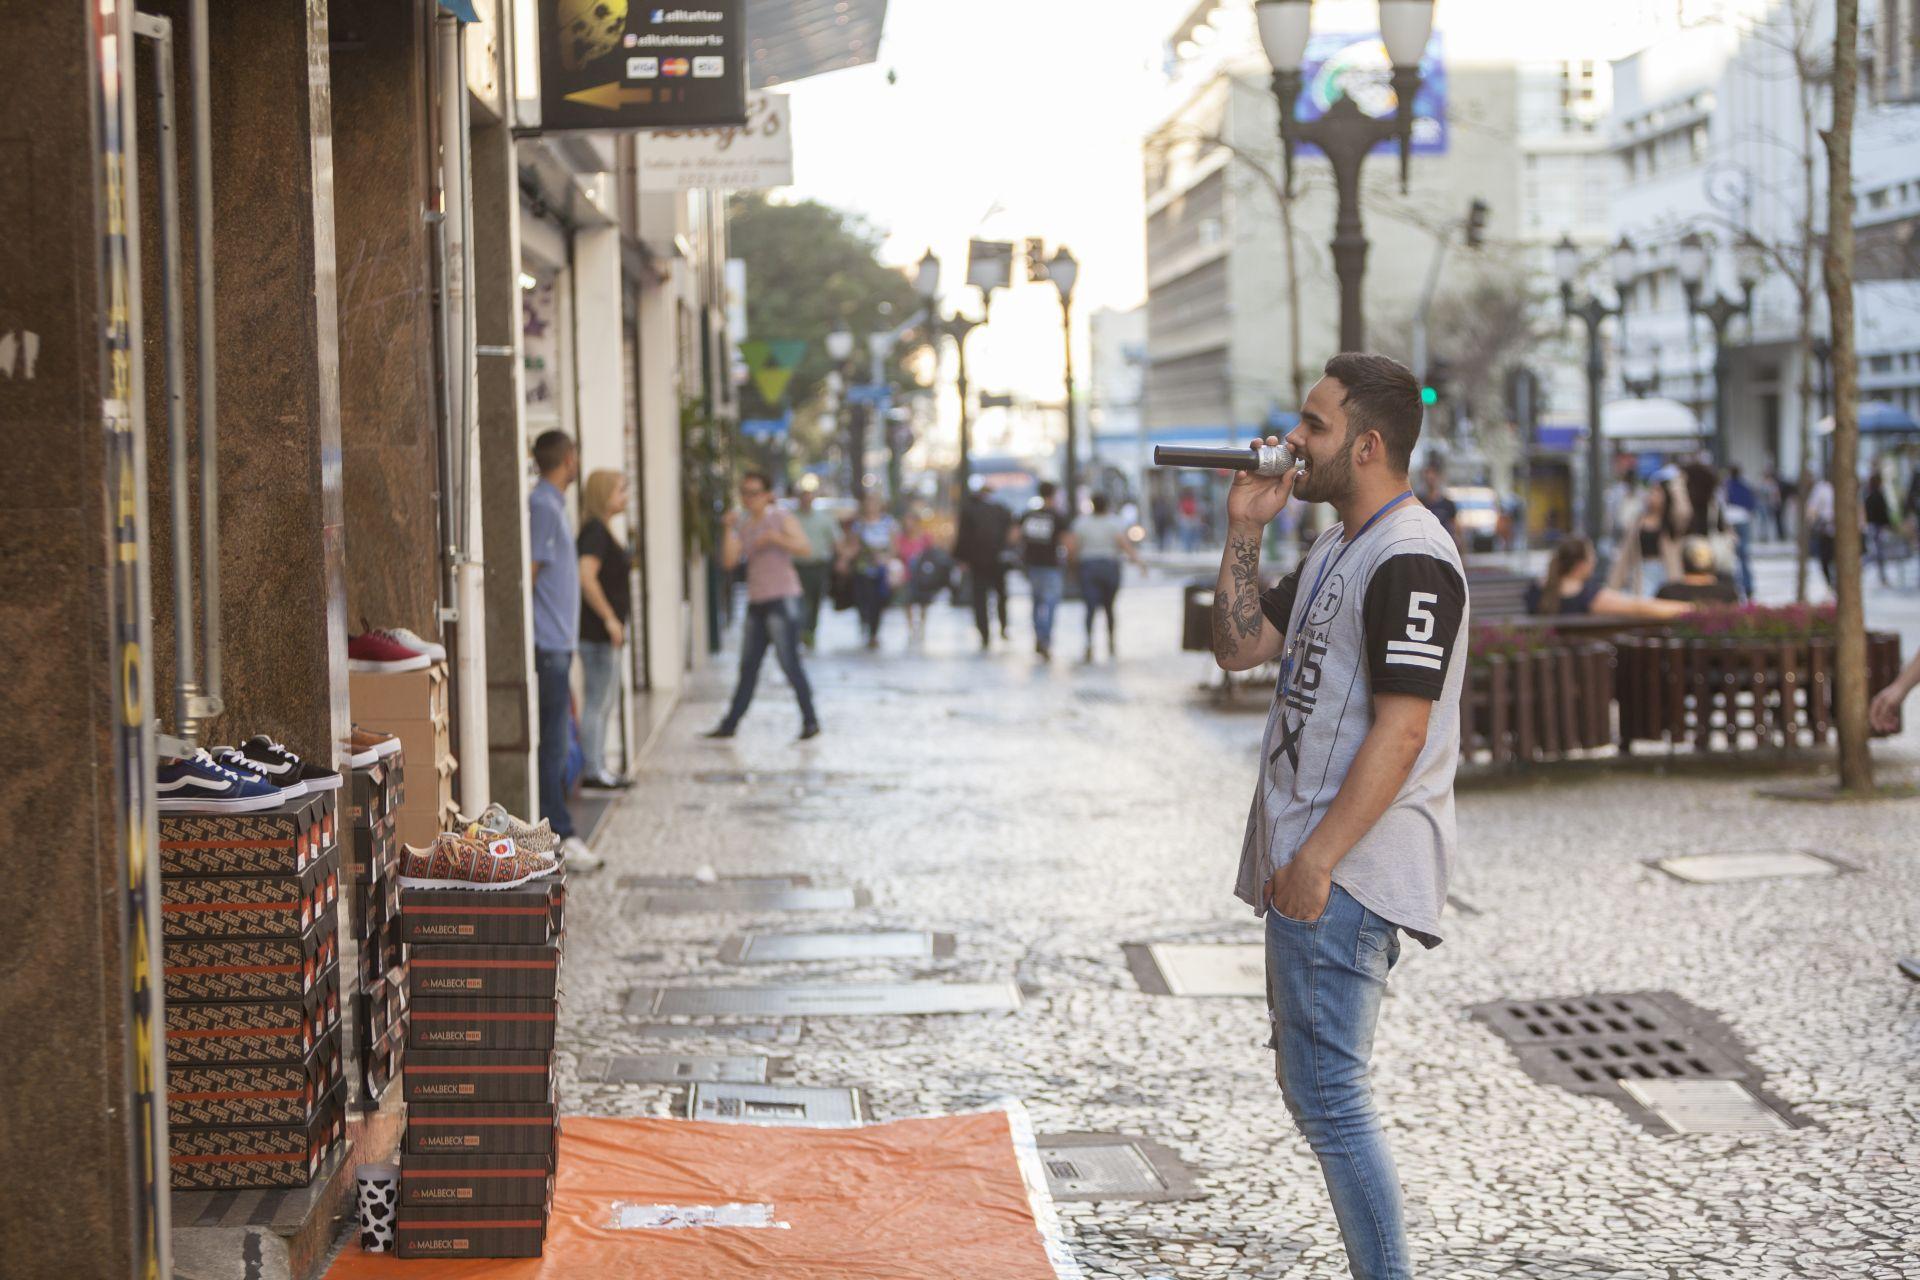 Felipe Lobato tem 20 anos e começou há menos de um ano a ser locutor de loja. Foto: Fernando Zequinão/Gazeta do Povo